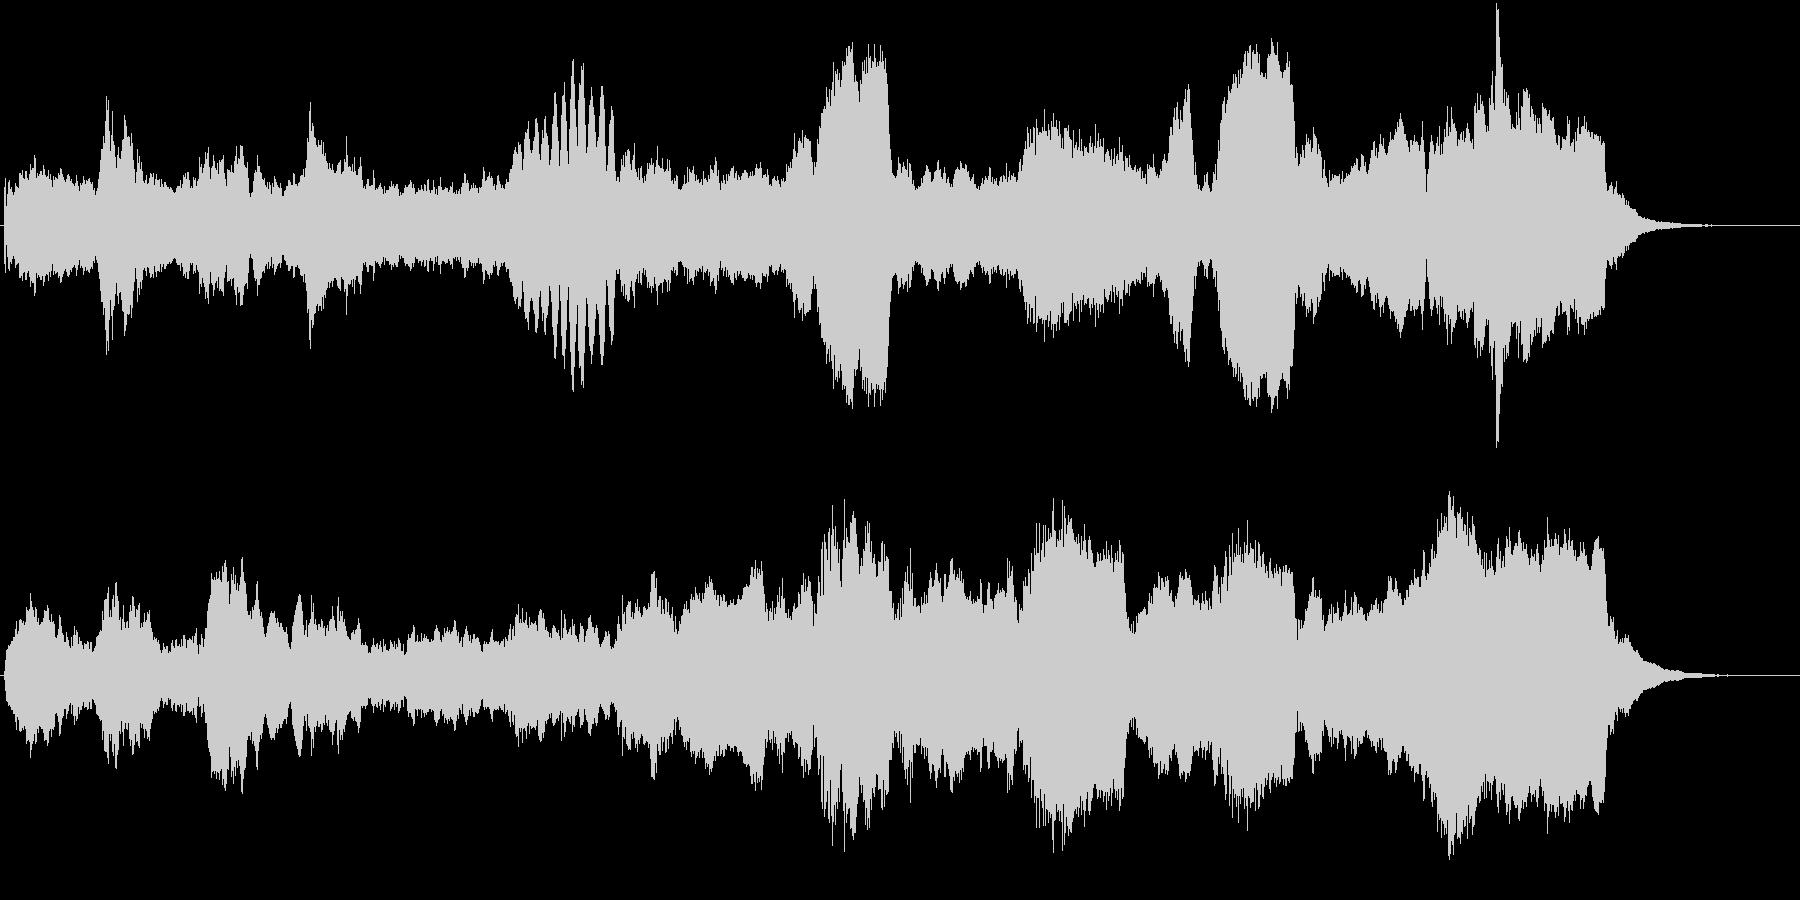 しんみりとした雰囲気のオーケストラ曲の未再生の波形